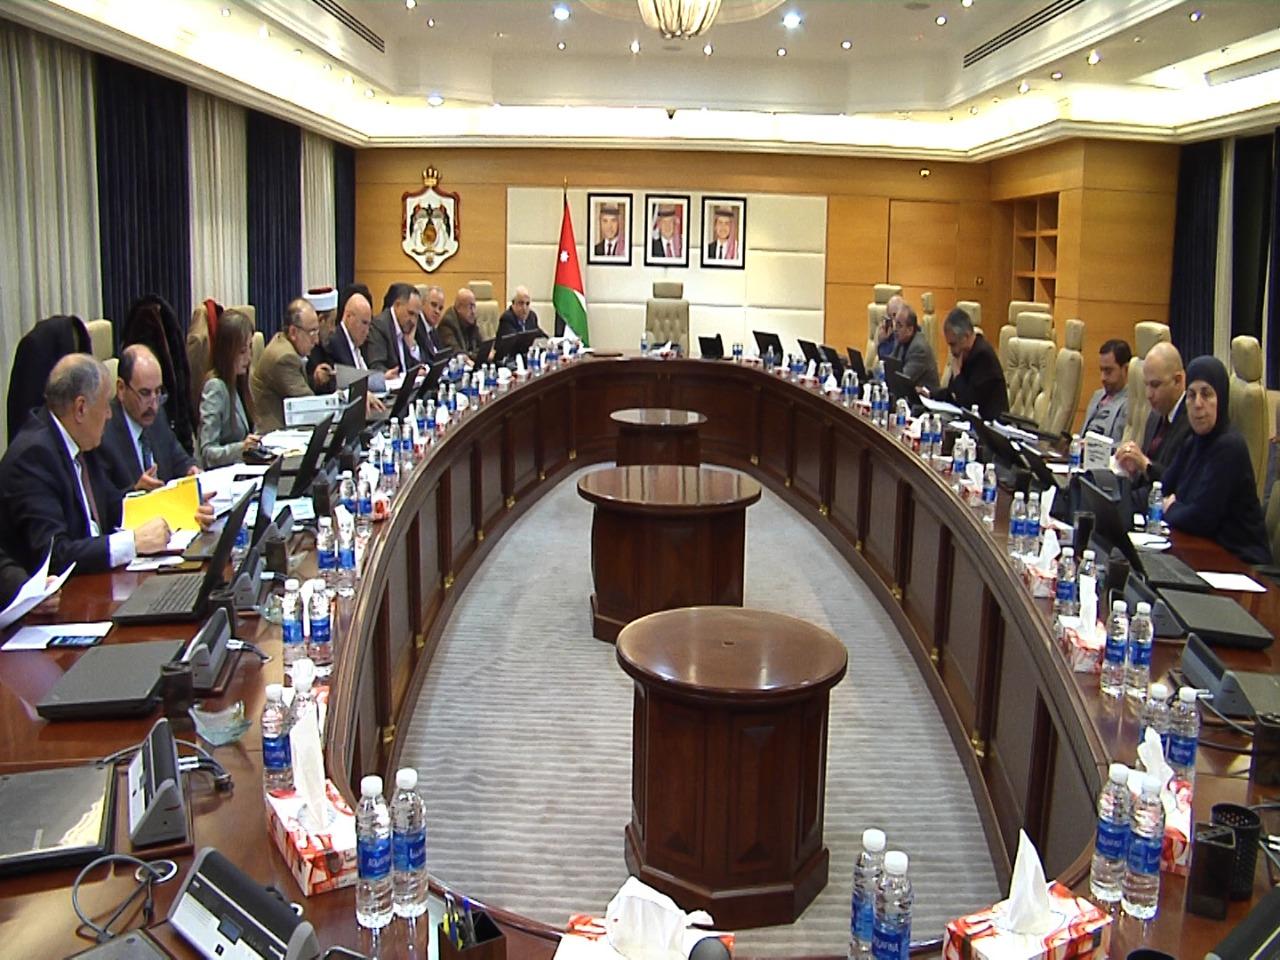 مجلس الوزراء يقرّر تخفيض ضريبة المبيعات على 61 سلعة أساسيّة